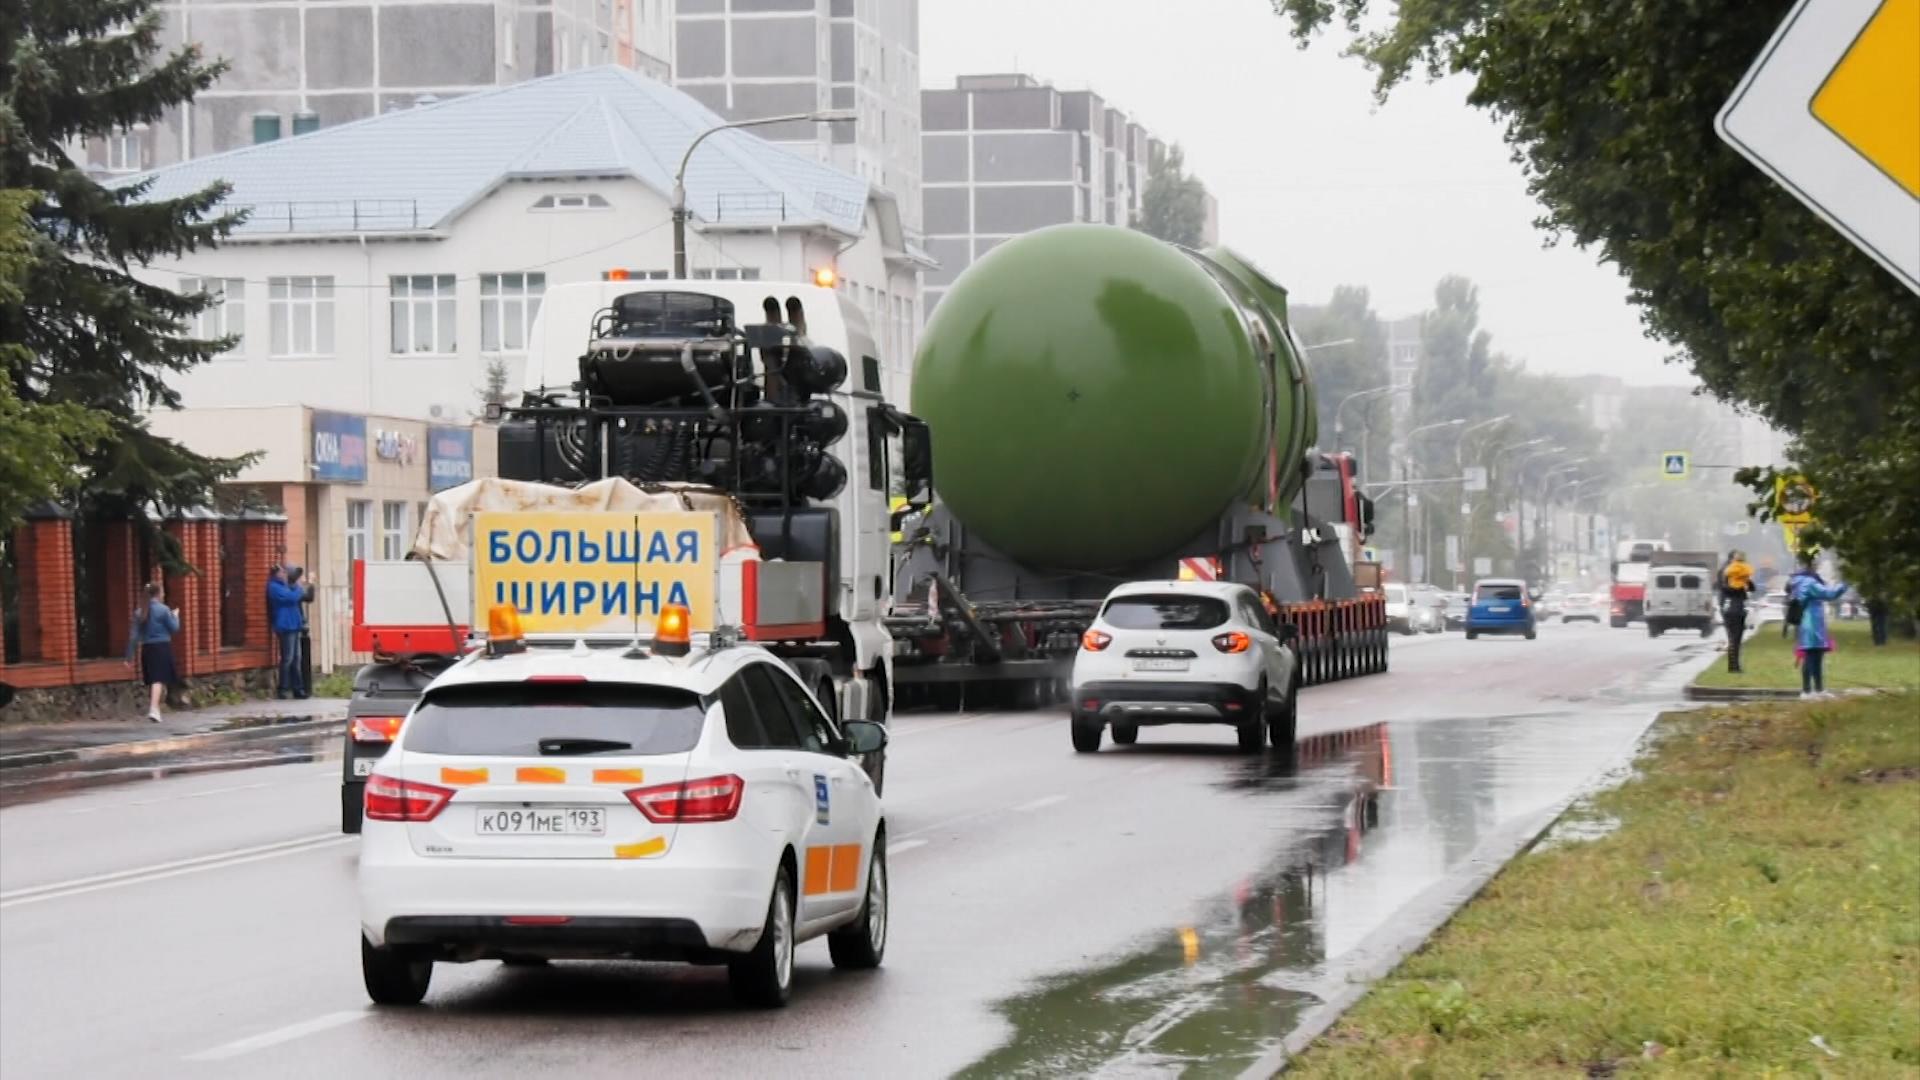 В Курчатов доставили корпус реактора для новой атомной станции